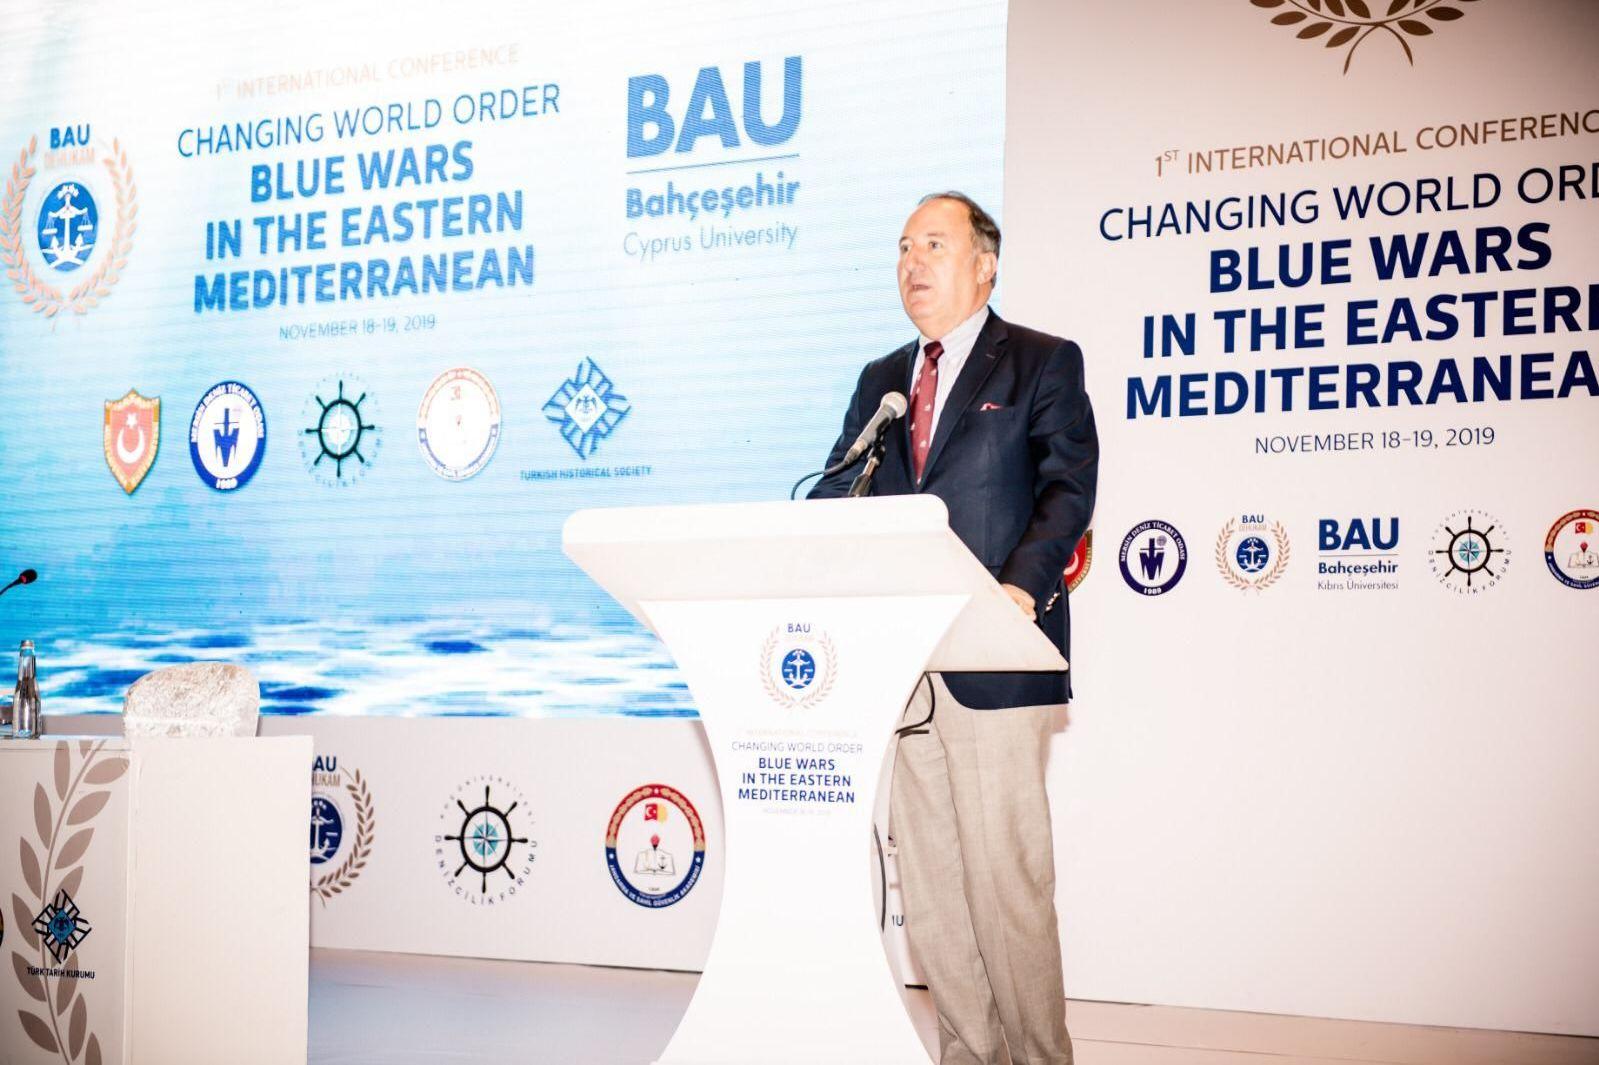 """Koç Üniversitesi Denizcilik Forumu (KÜDENFOR) Direktörü Emekli Amiral Cem Gürdeniz """"Asya Çağı'nın başlamasıyla birlikte Türkiye ve Kuzey Kıbrıs kilit önem kazandı"""" dedi."""